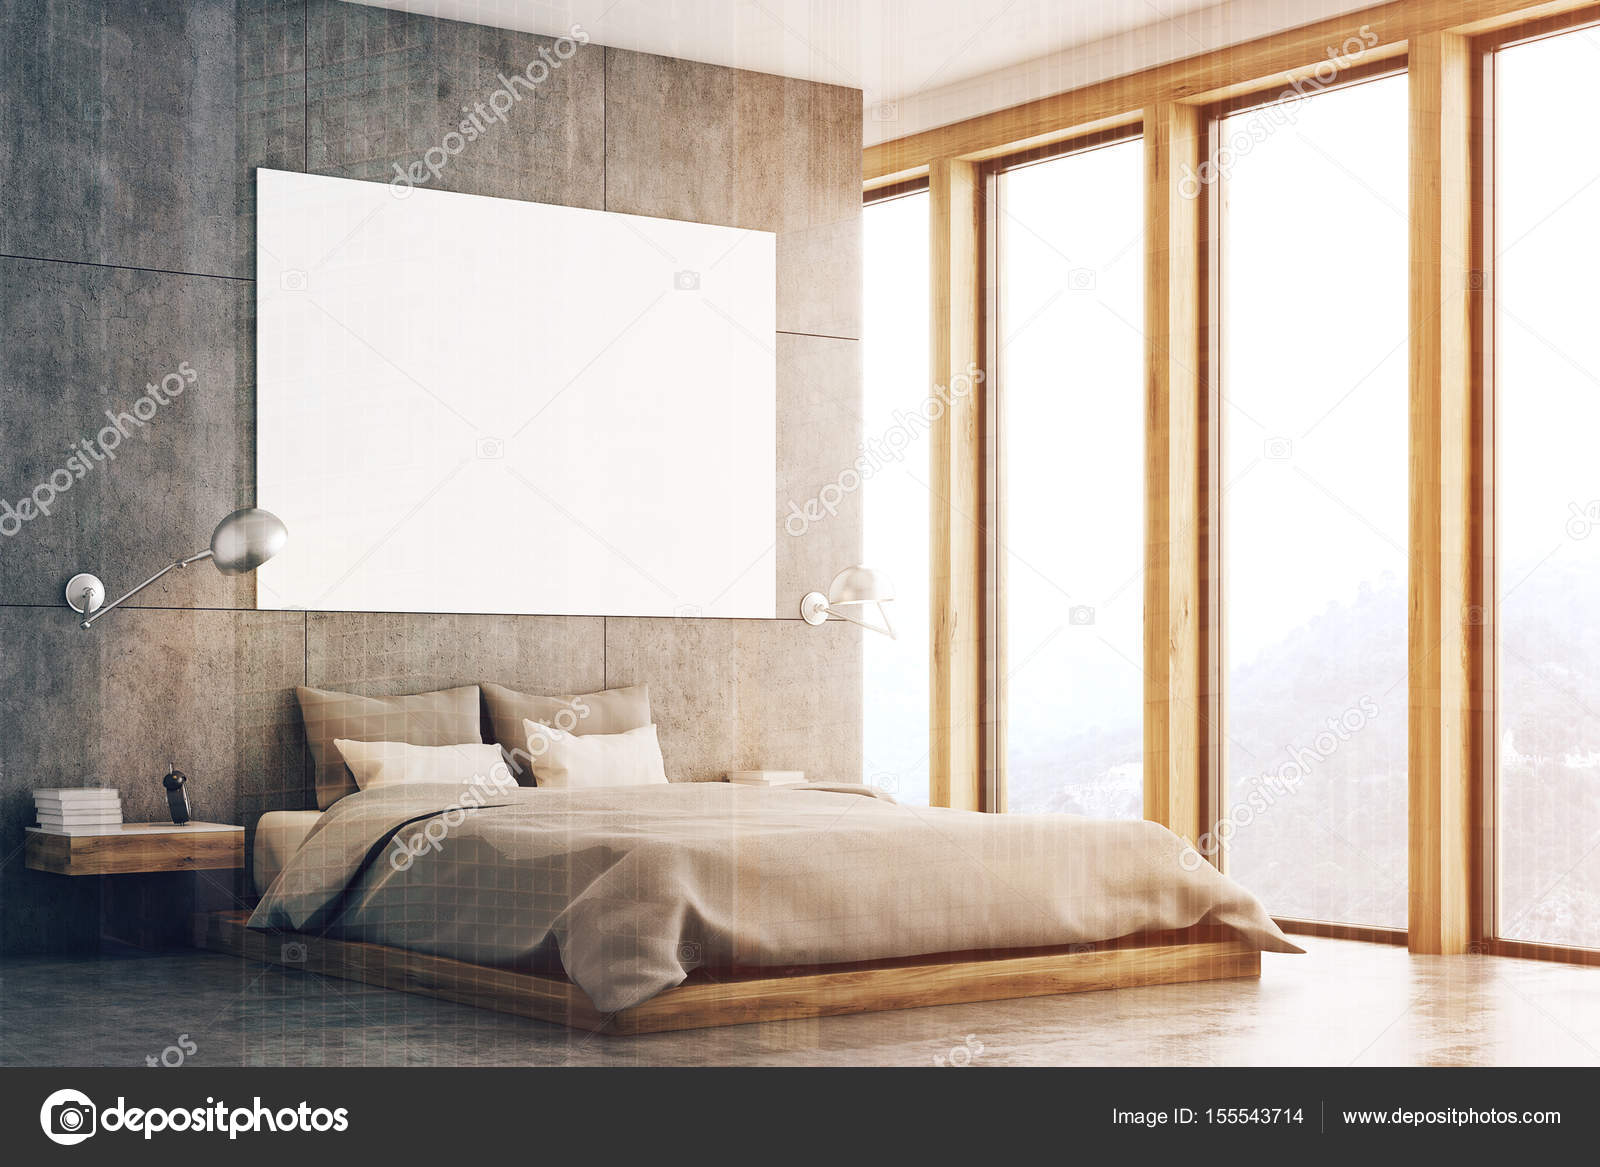 Camera da letto grigio con poster e finestra tonica — Foto Stock ...